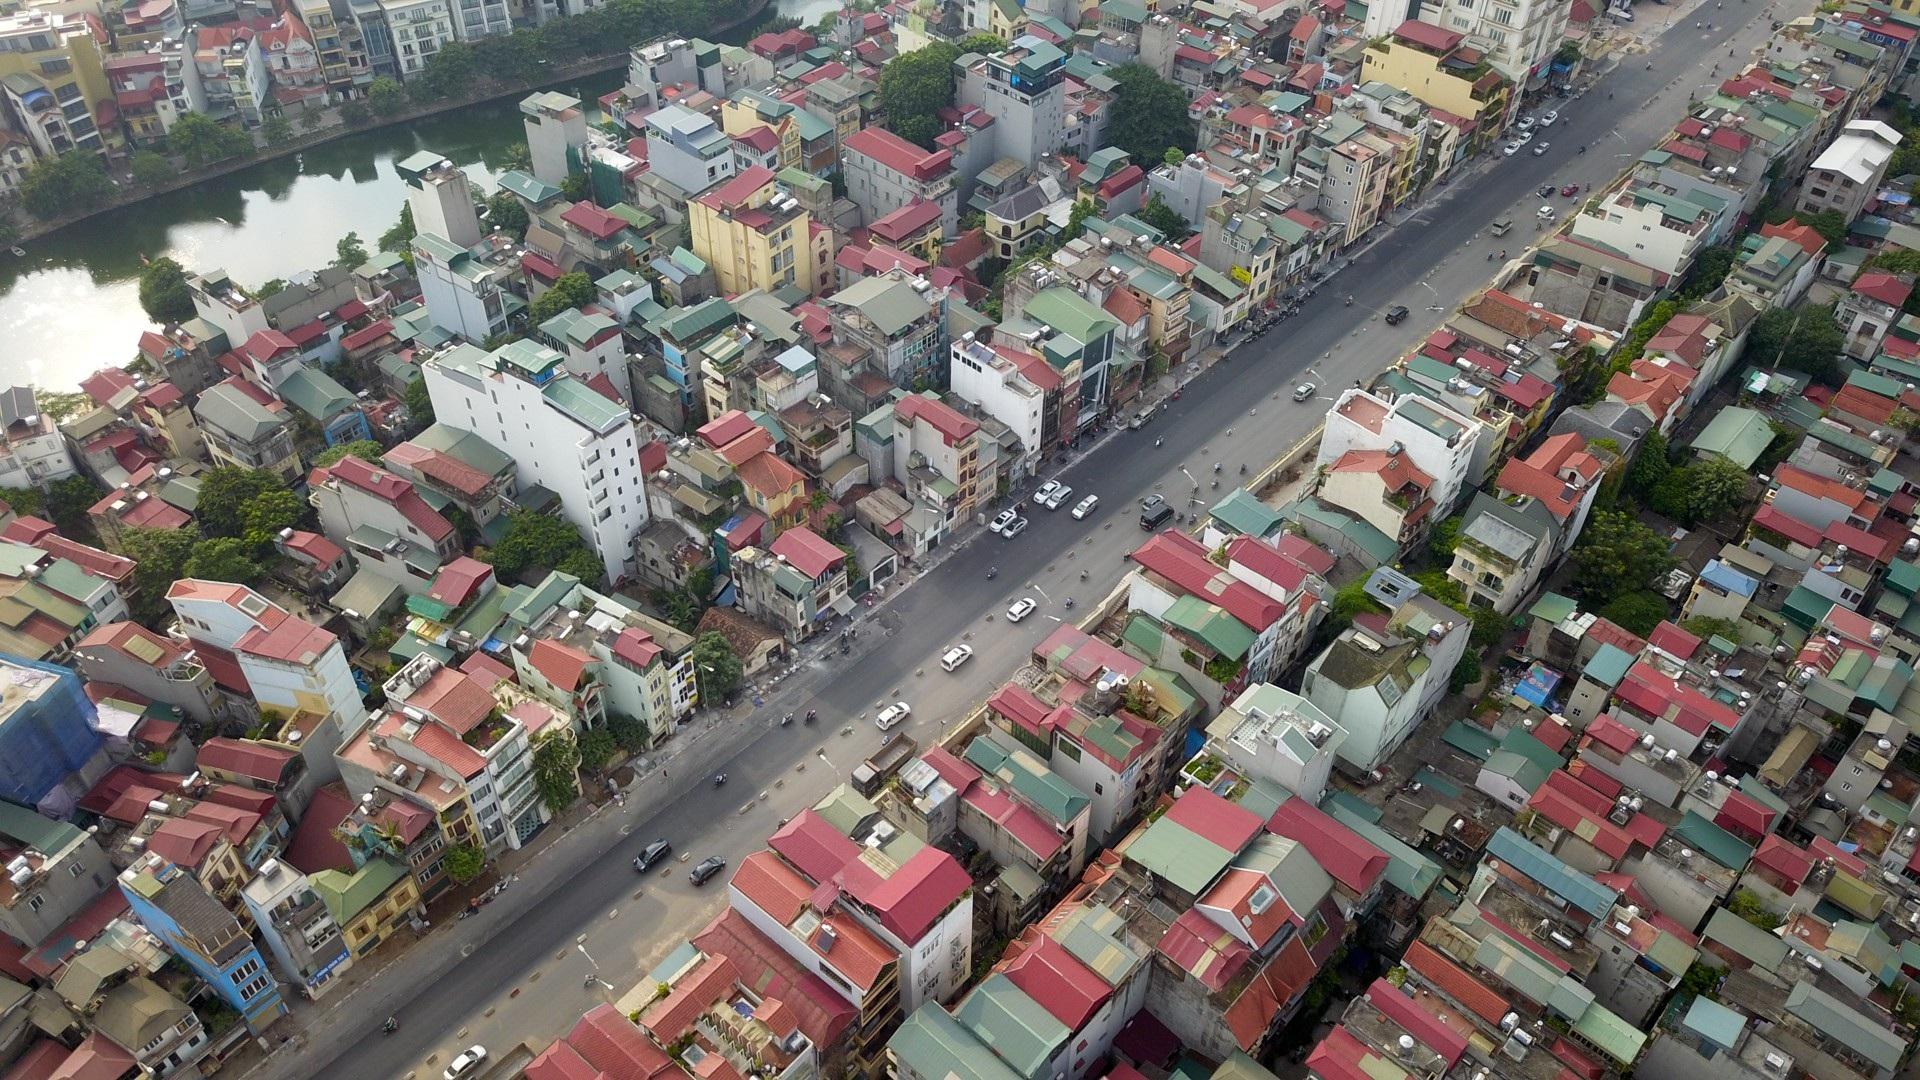 Hà Nội: Toàn cảnh dự án cầu vượt An Dương sau hơn một năm thi công - Ảnh 2.